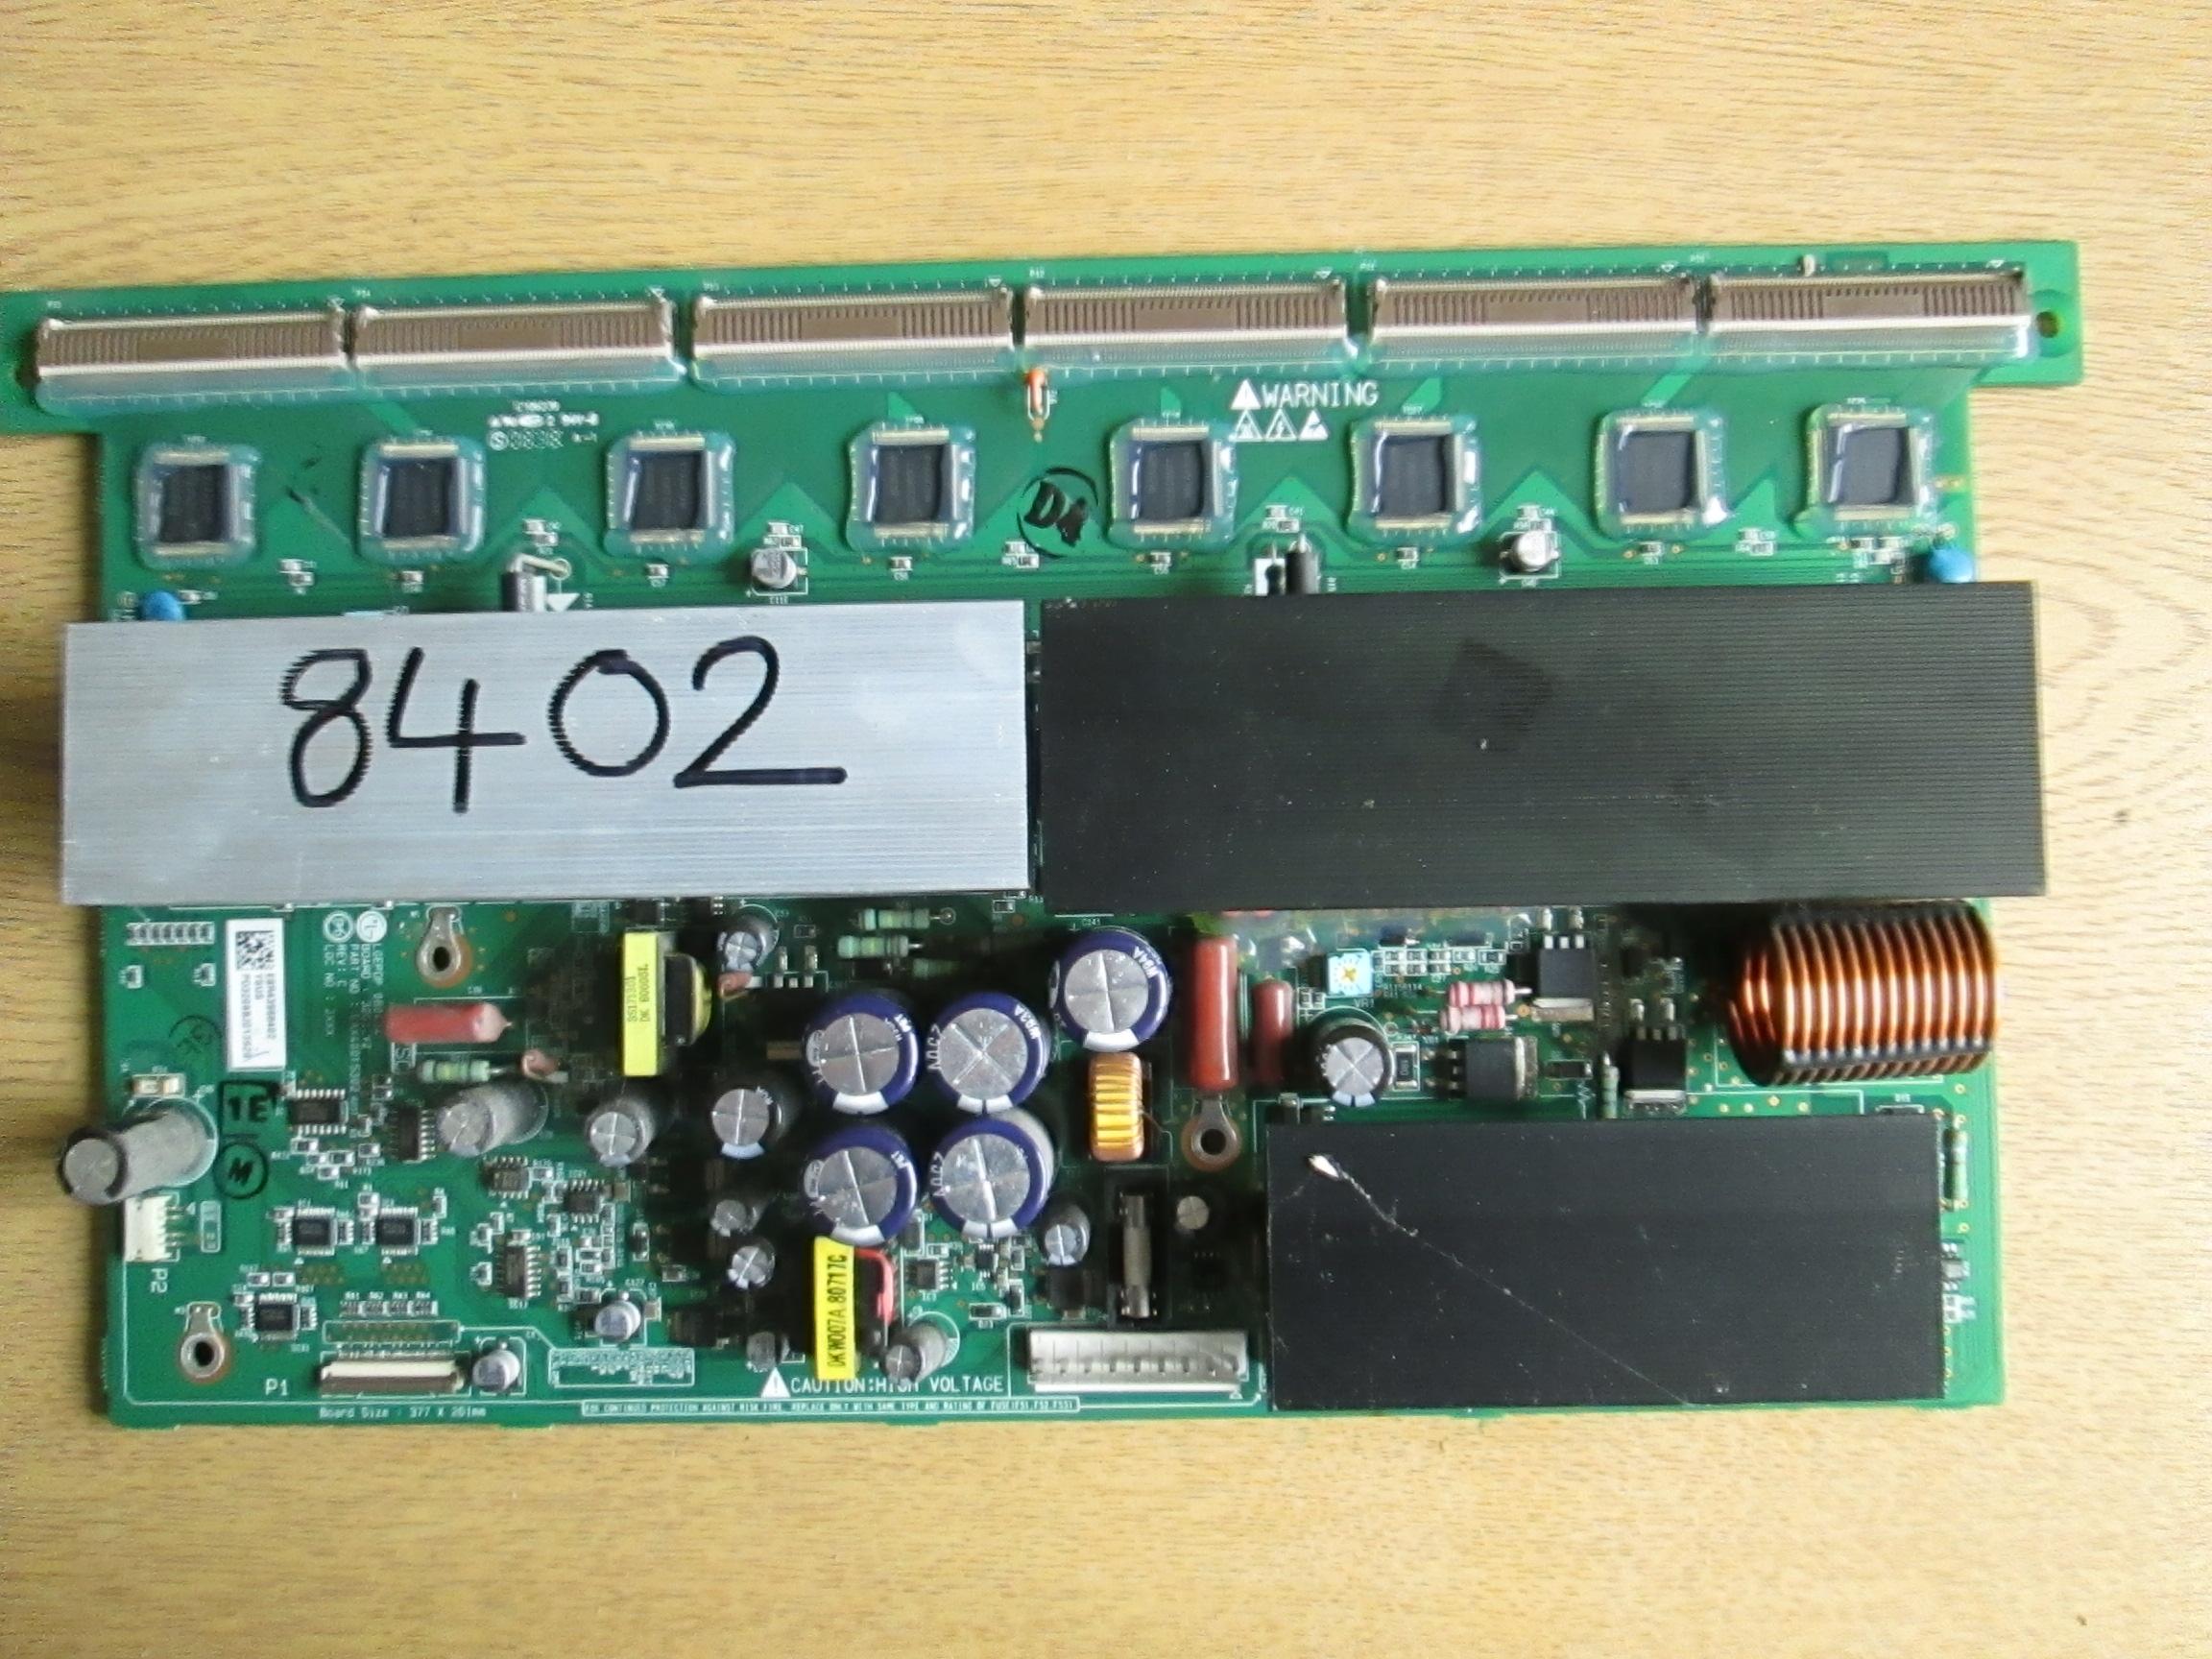 EAX40015302 EBR43988402 EAX40015302 EBR43988402 Y-SUS BOARD EAX40015302  EBR43988402 REV C FROM LG 32PG6000 32